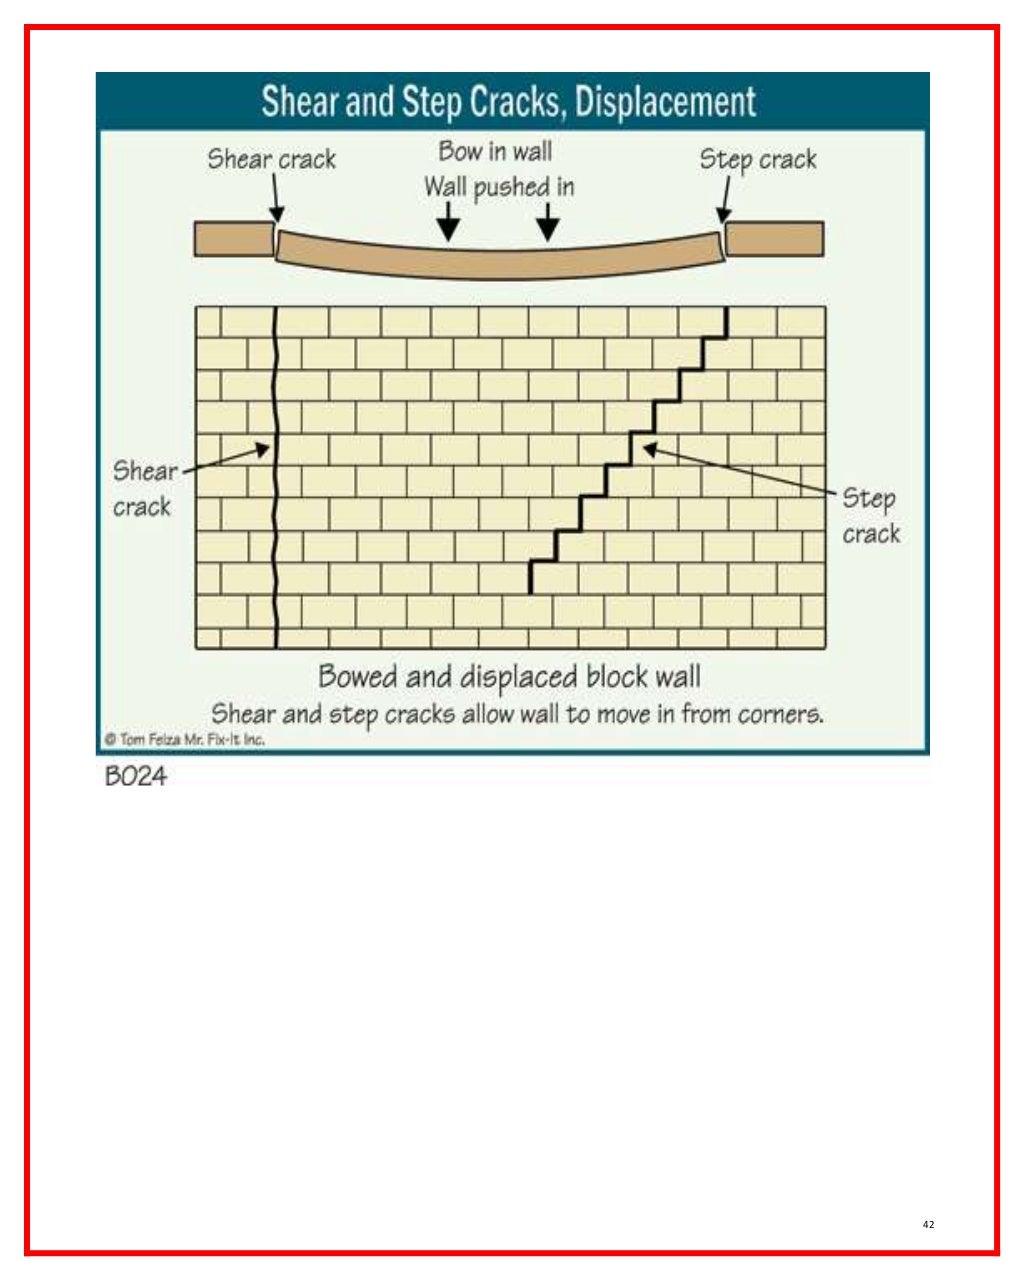 cracks-in-buildings-42-1024.jpg